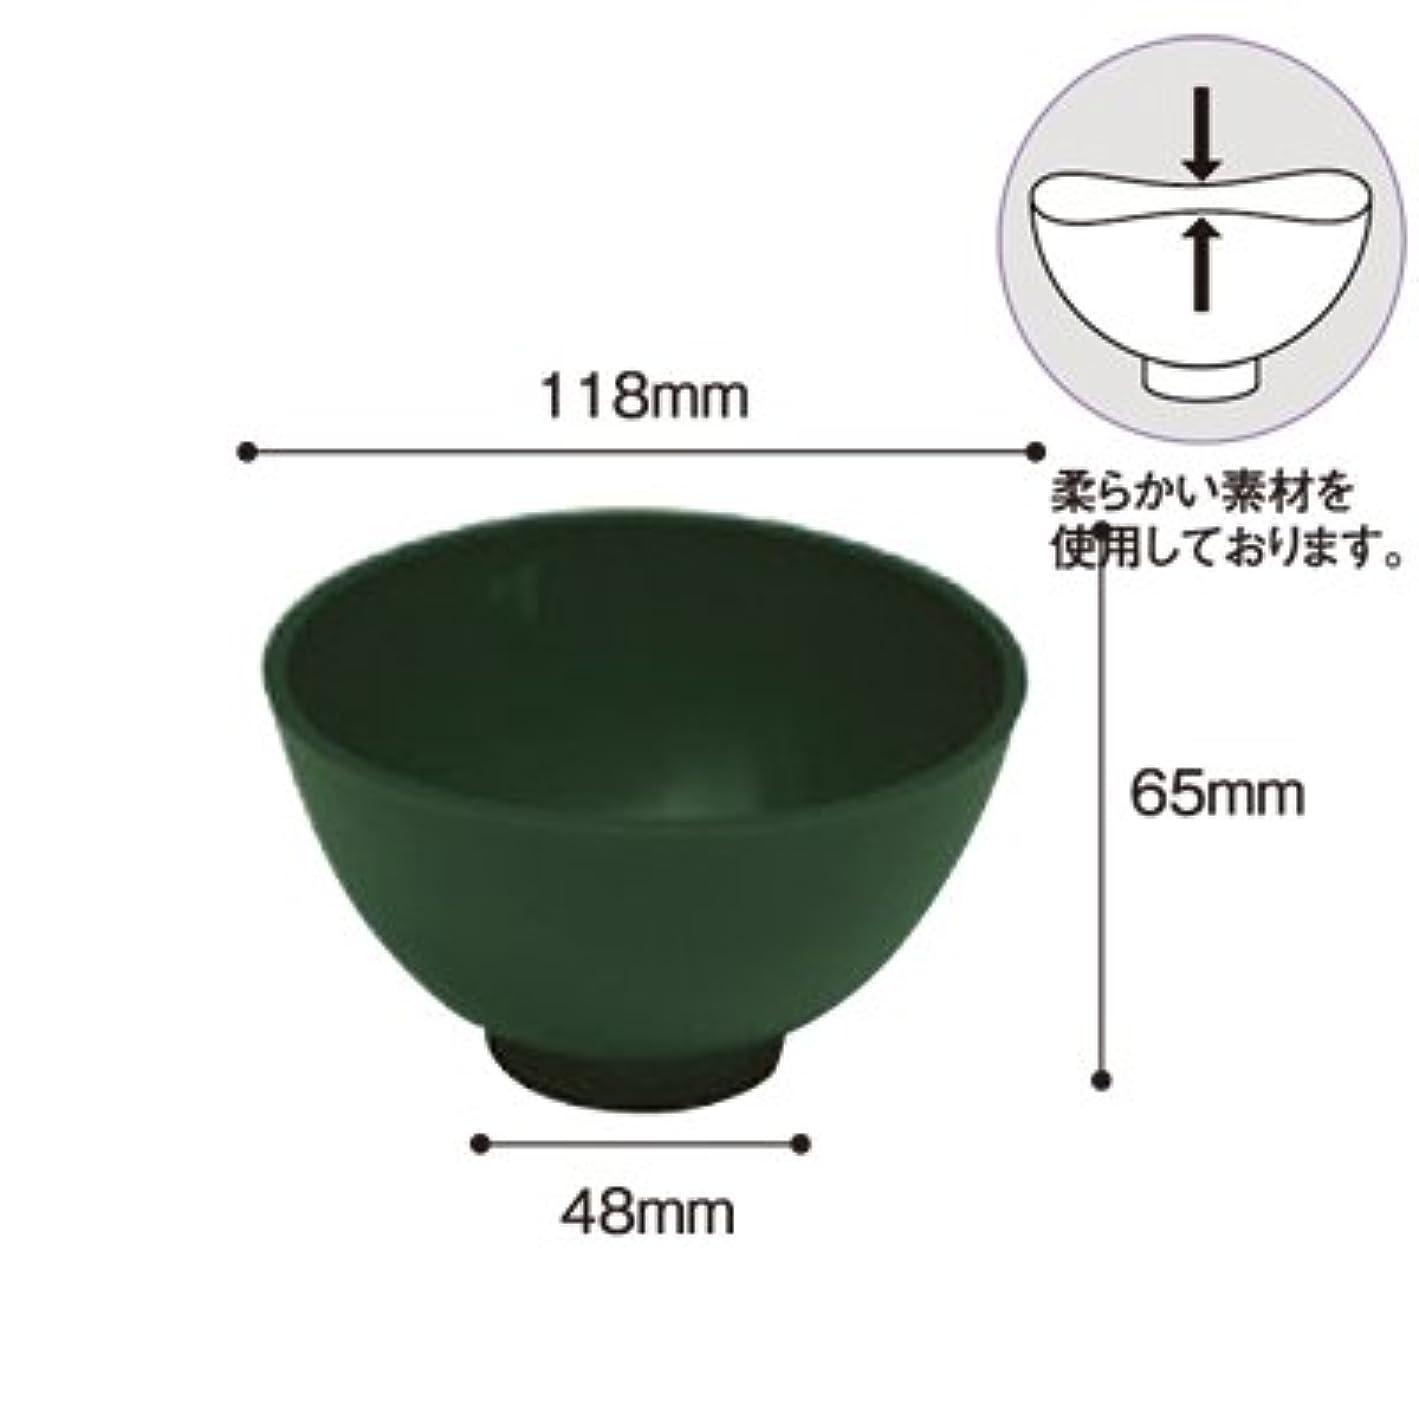 キャンセル広範囲背骨(ロータス)LOTUS ラバーボウル エステ サロン 割れない カップ 歯科 Mサイズ (直径:127mm)グリーン